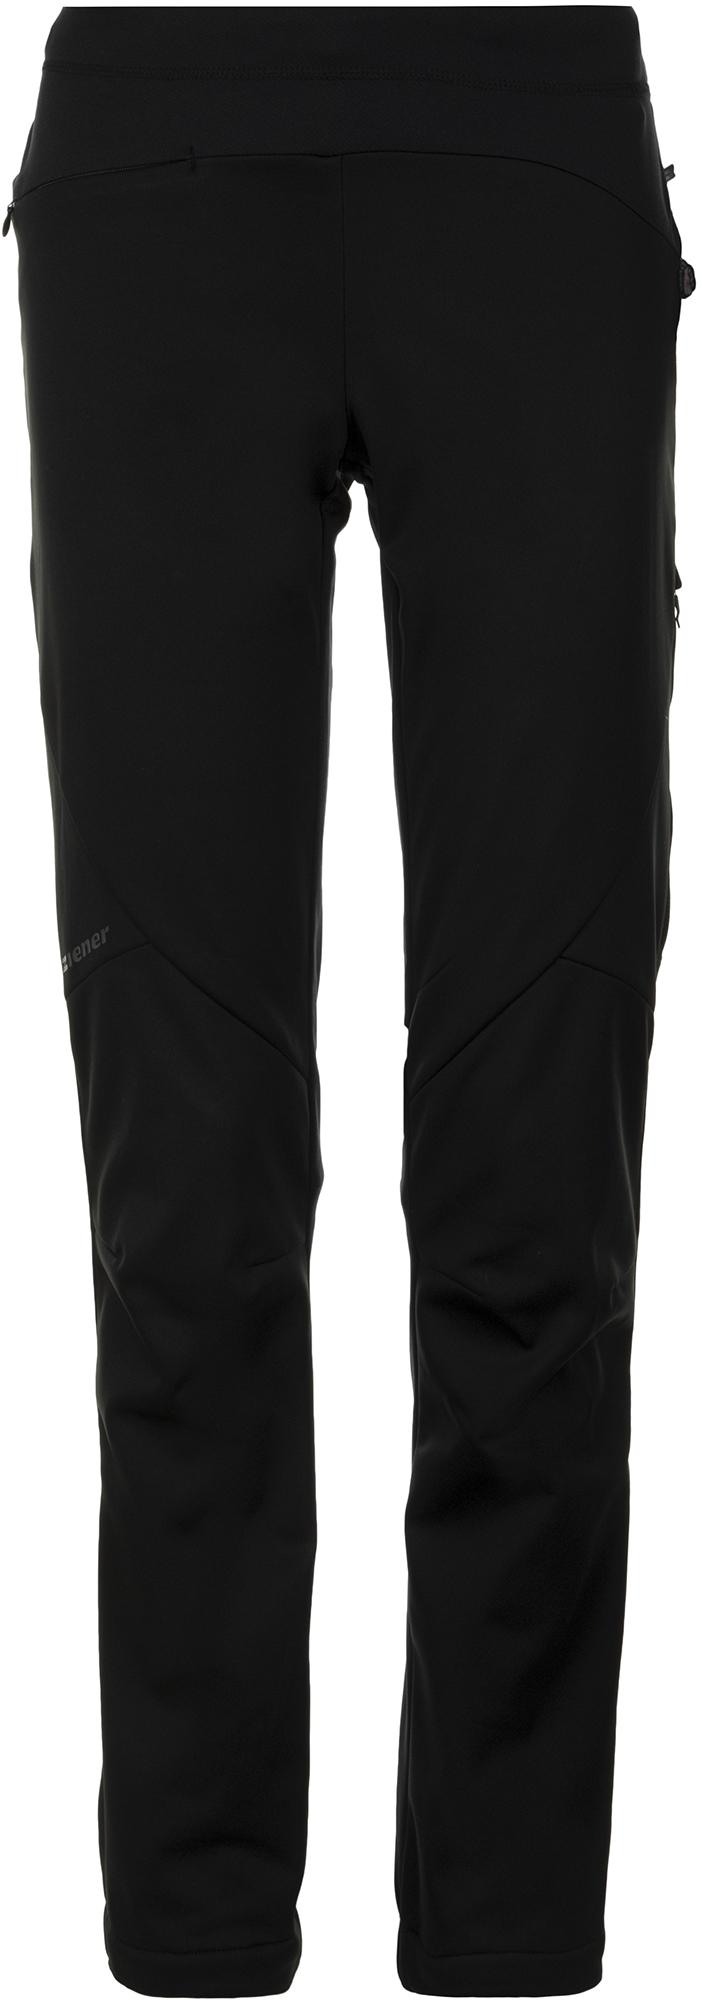 Ziener Брюки женские Ziener Nyda, размер 46 брюки женские oodji цвет светло серый меланж 16701010b 46980 2000m размер m 46